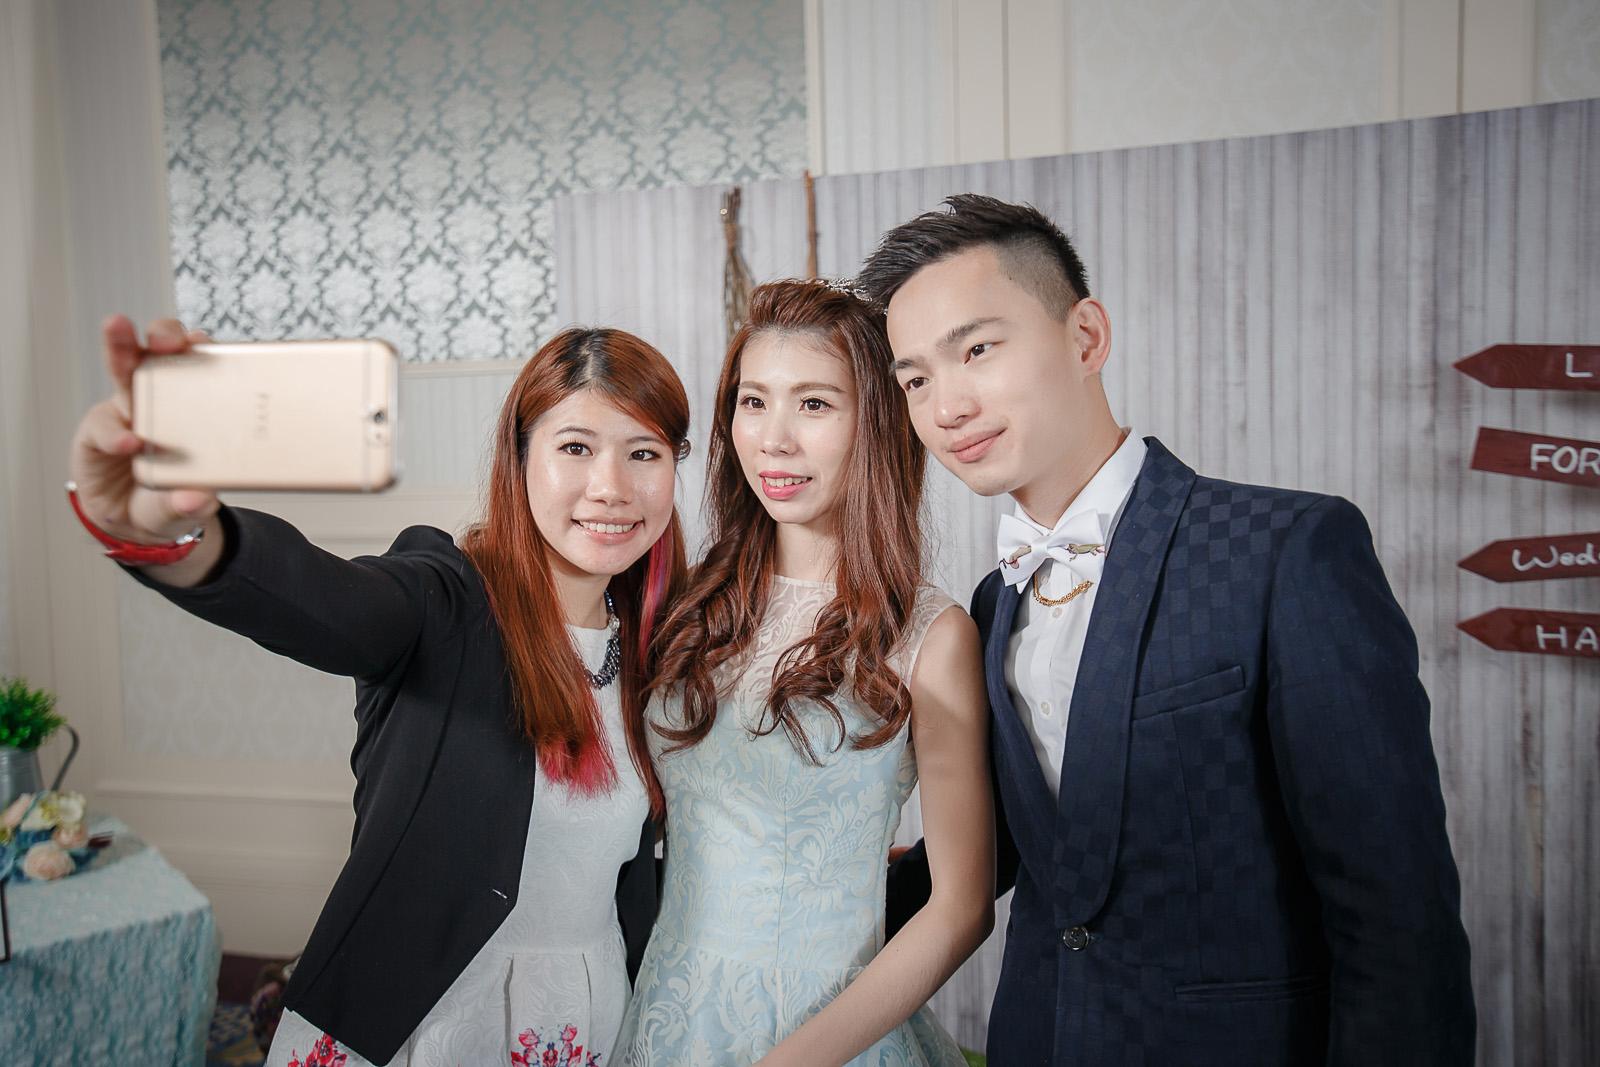 高雄圓山飯店,婚禮攝影,婚攝,高雄婚攝,優質婚攝推薦,Jen&Ethan-349